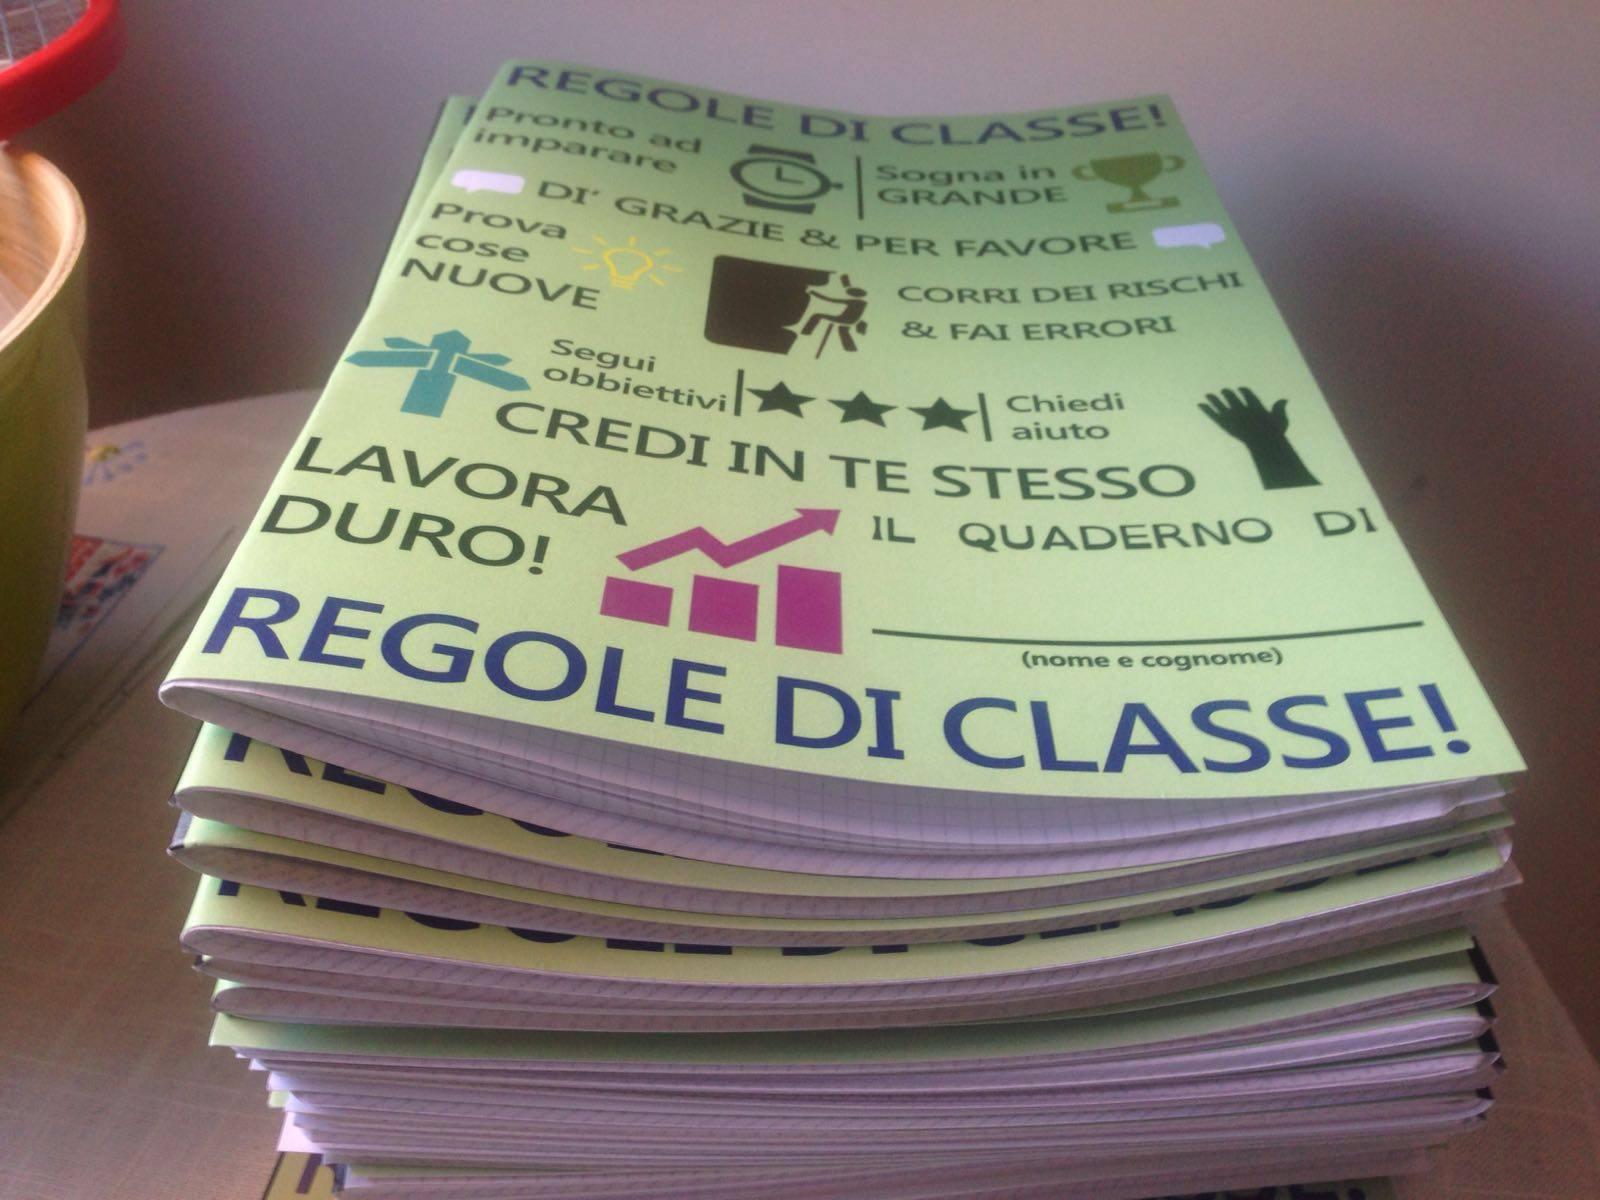 accoglienza regole di classe